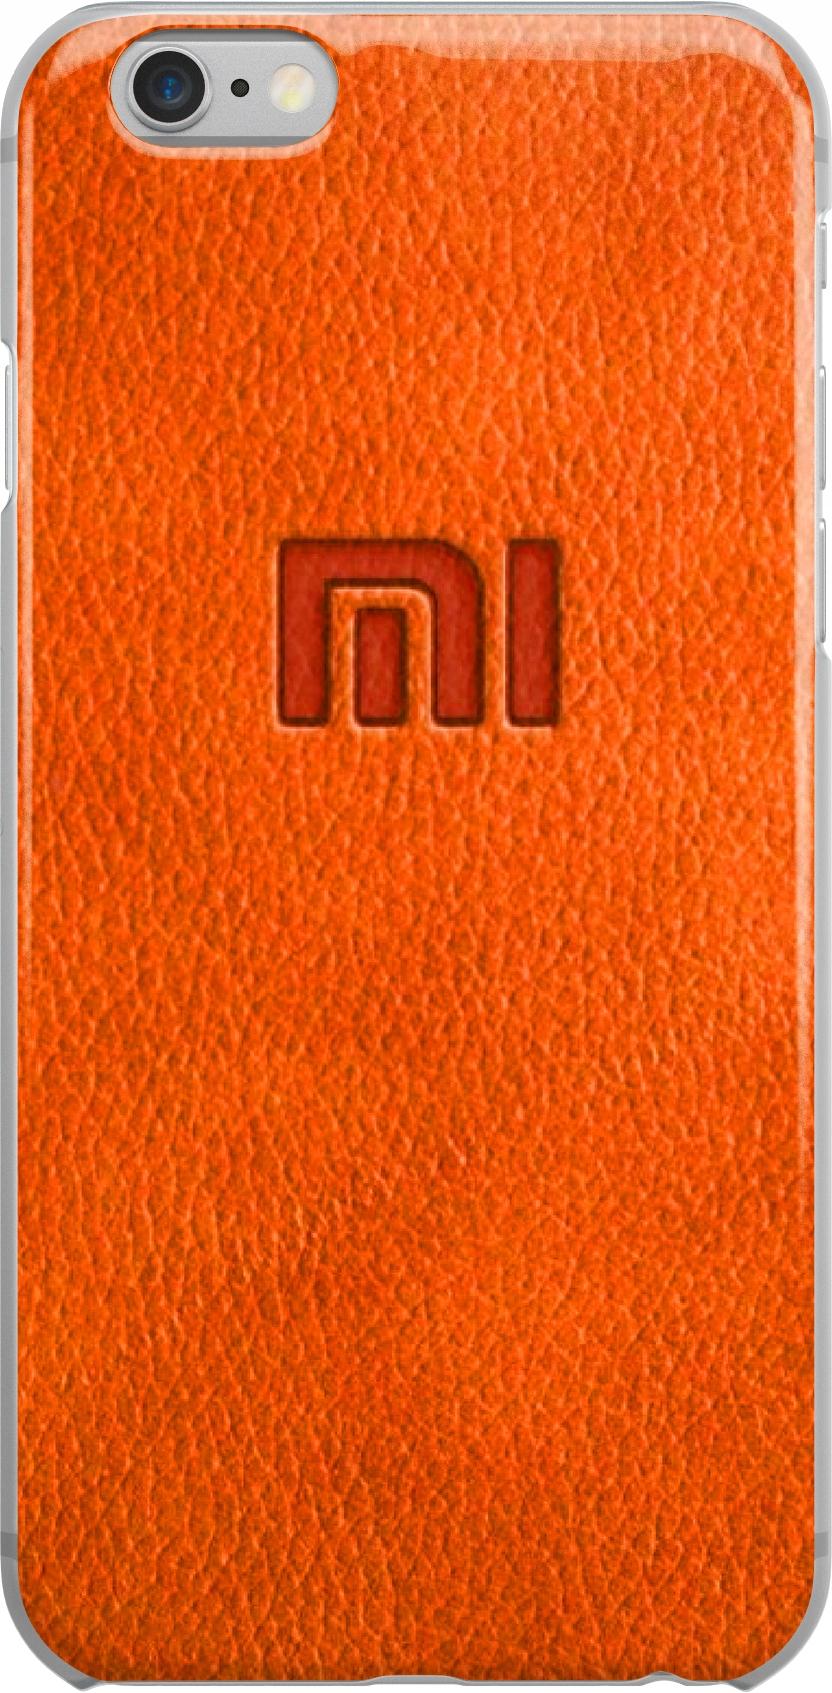 Etui Wzory Xiaomi Lg Q7